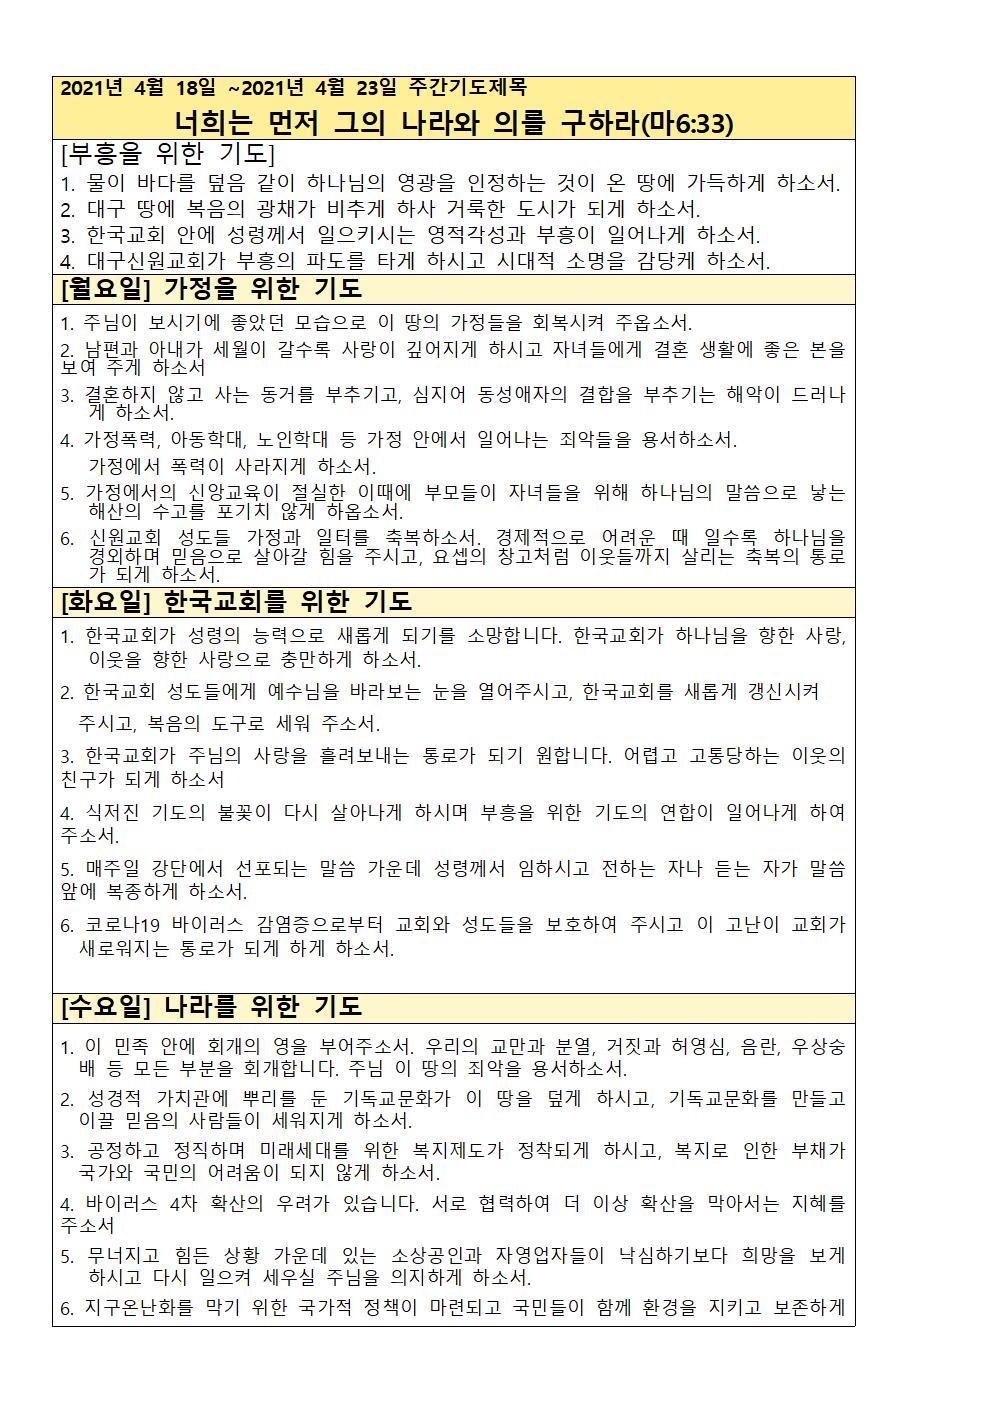 주간기도제목(4월 18~4월 24일)001.jpg